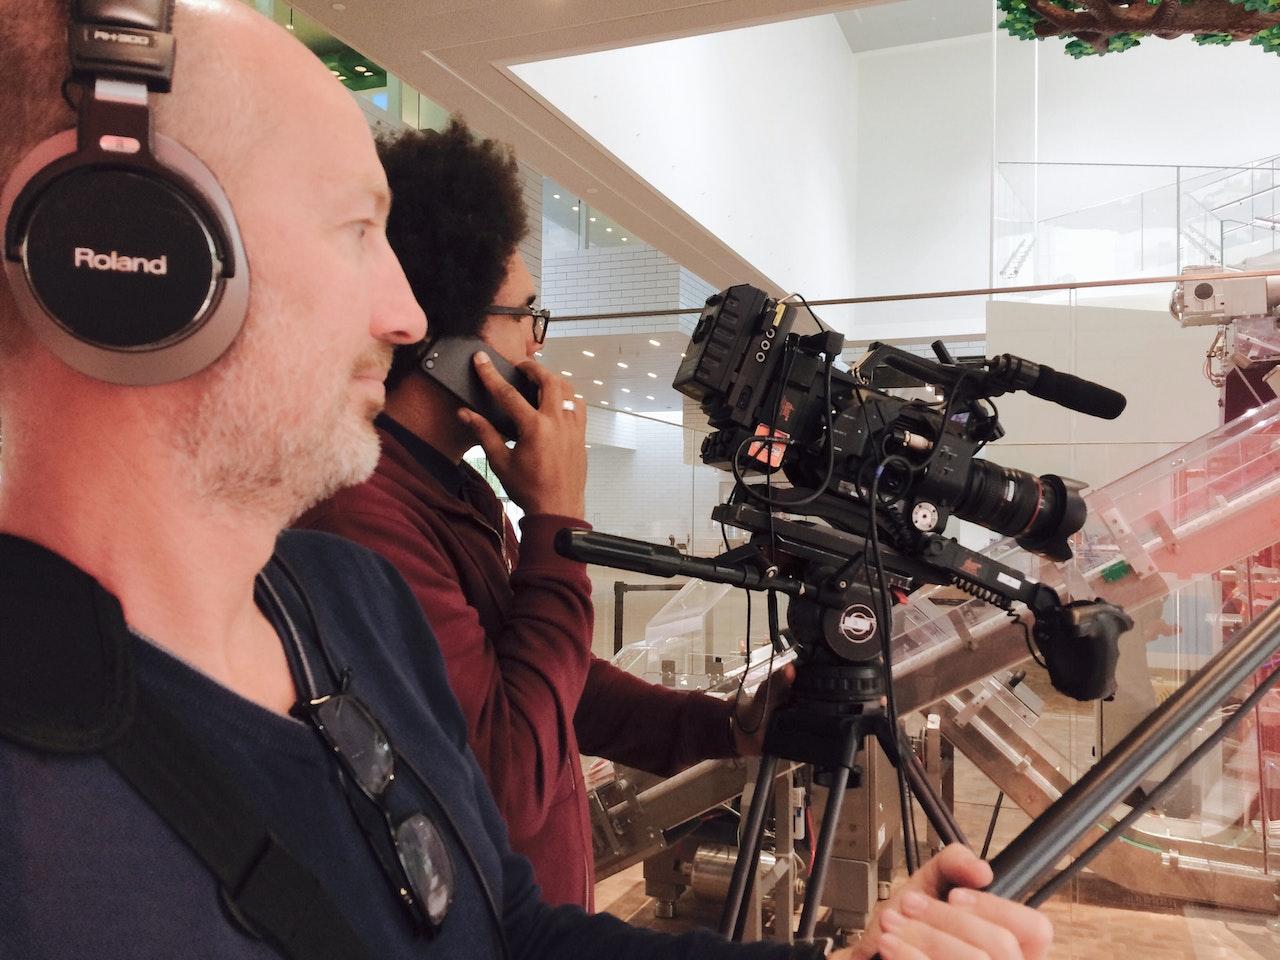 Servicios audiovisuales en Dinamarca / Broadcast services in Denmark